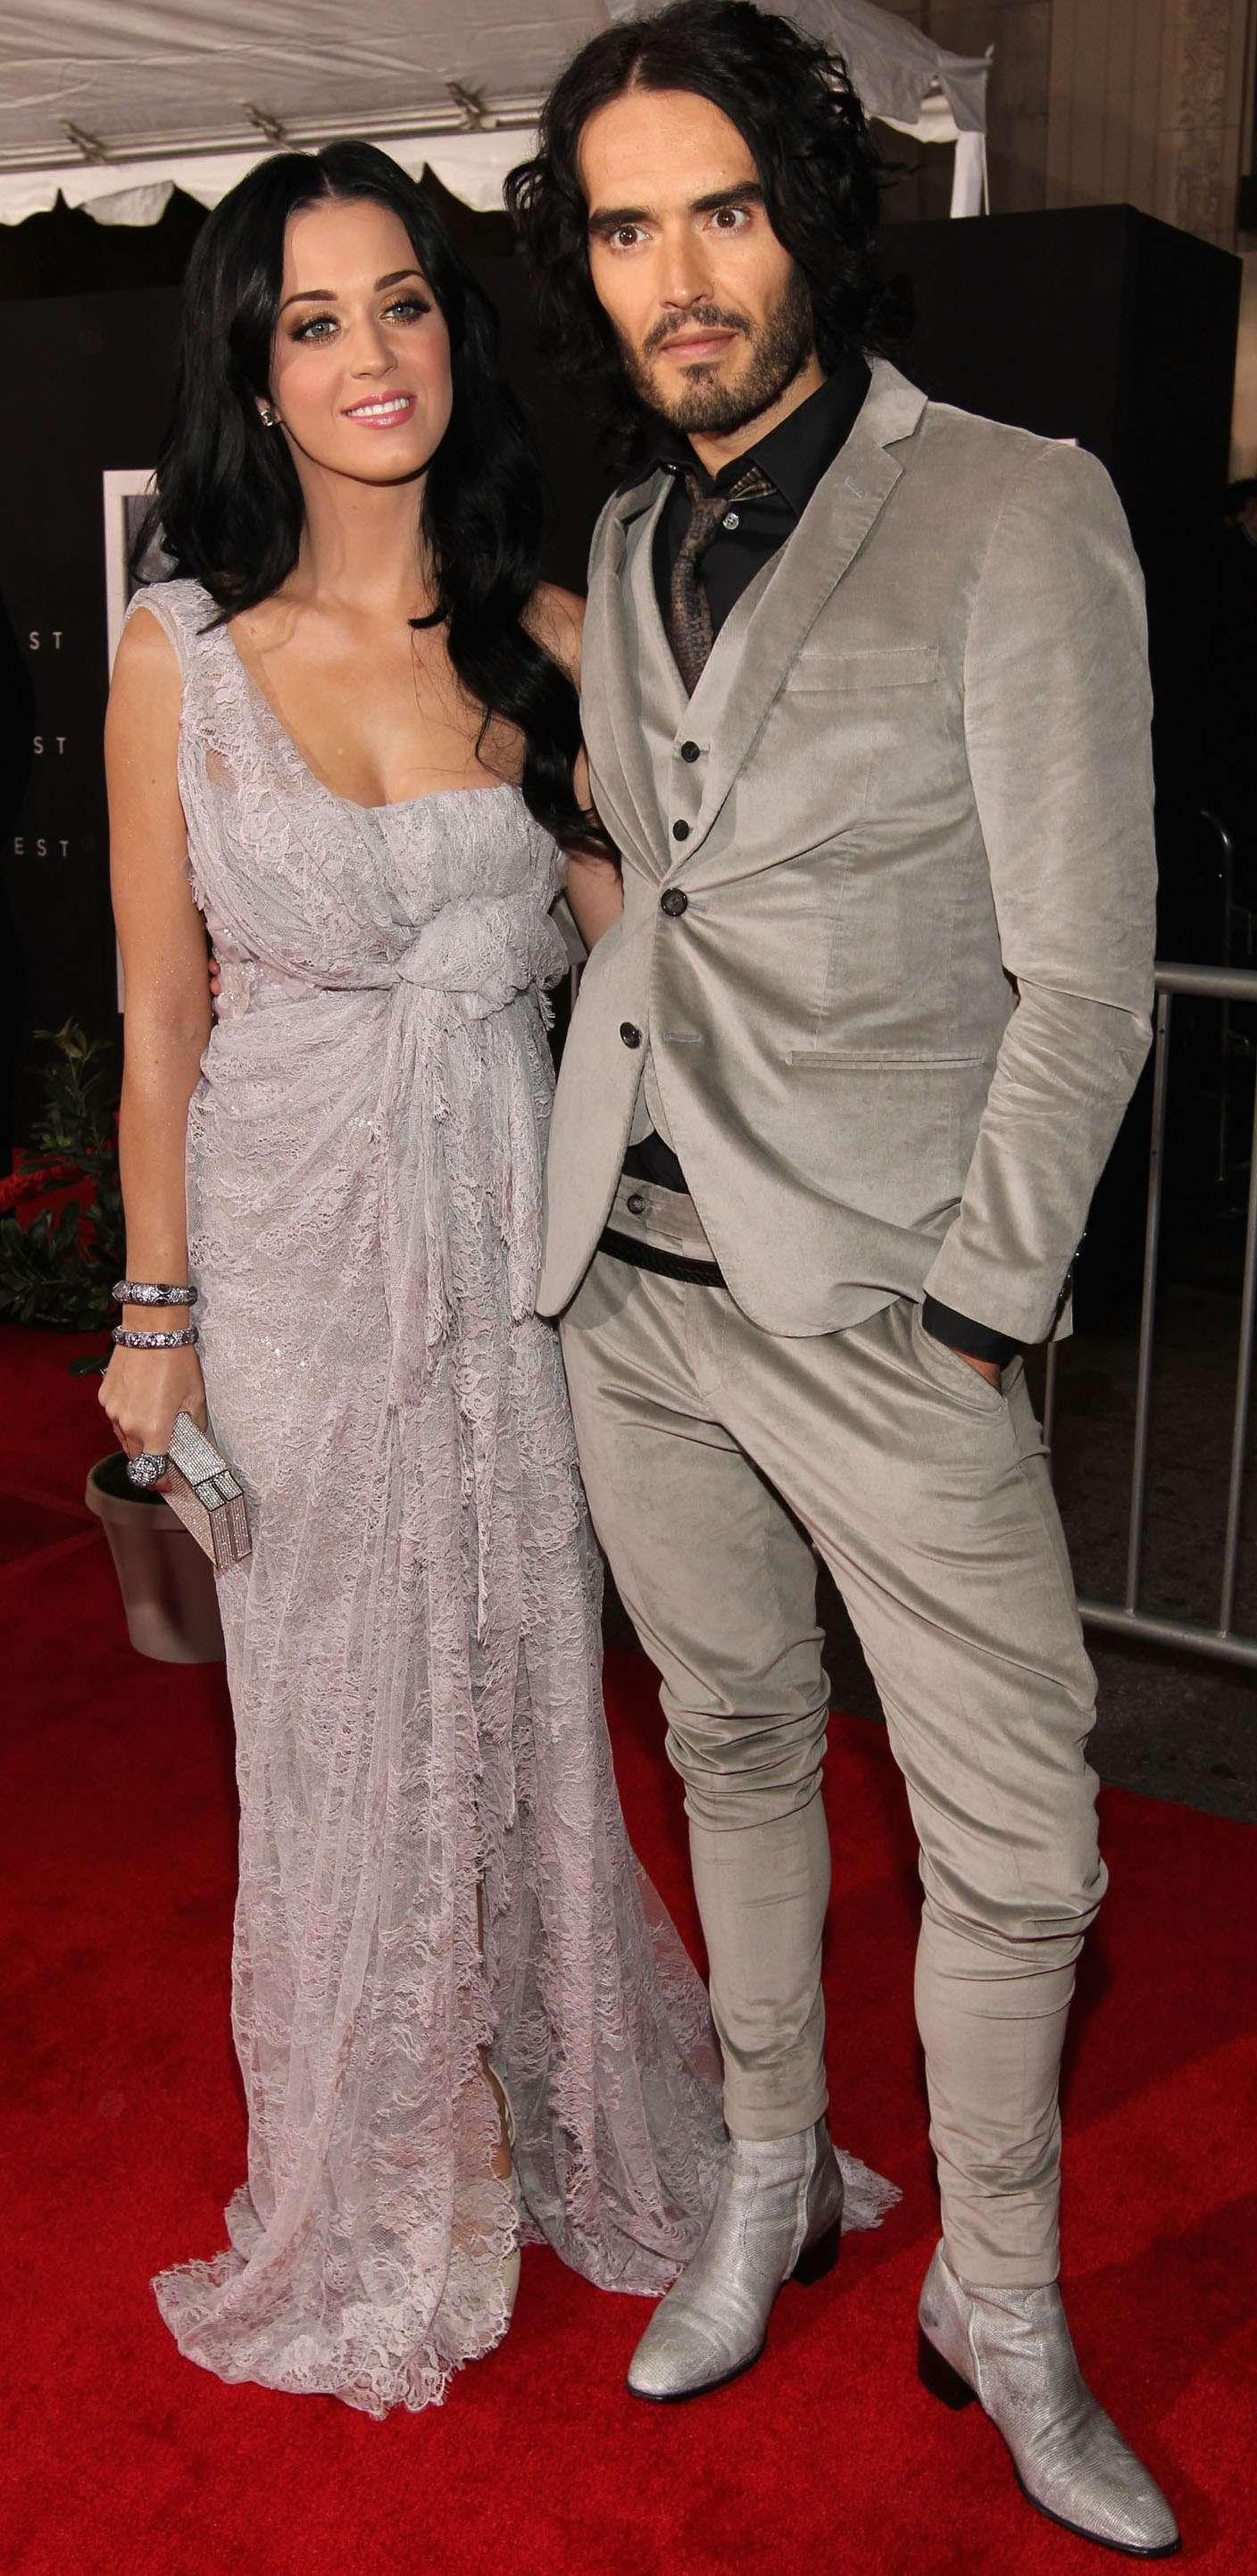 Katy Perry y Russell Brand estuvieron casados sólo por 14 meses (octubre 2010 - diciembre 2011) Foto: Getty Images